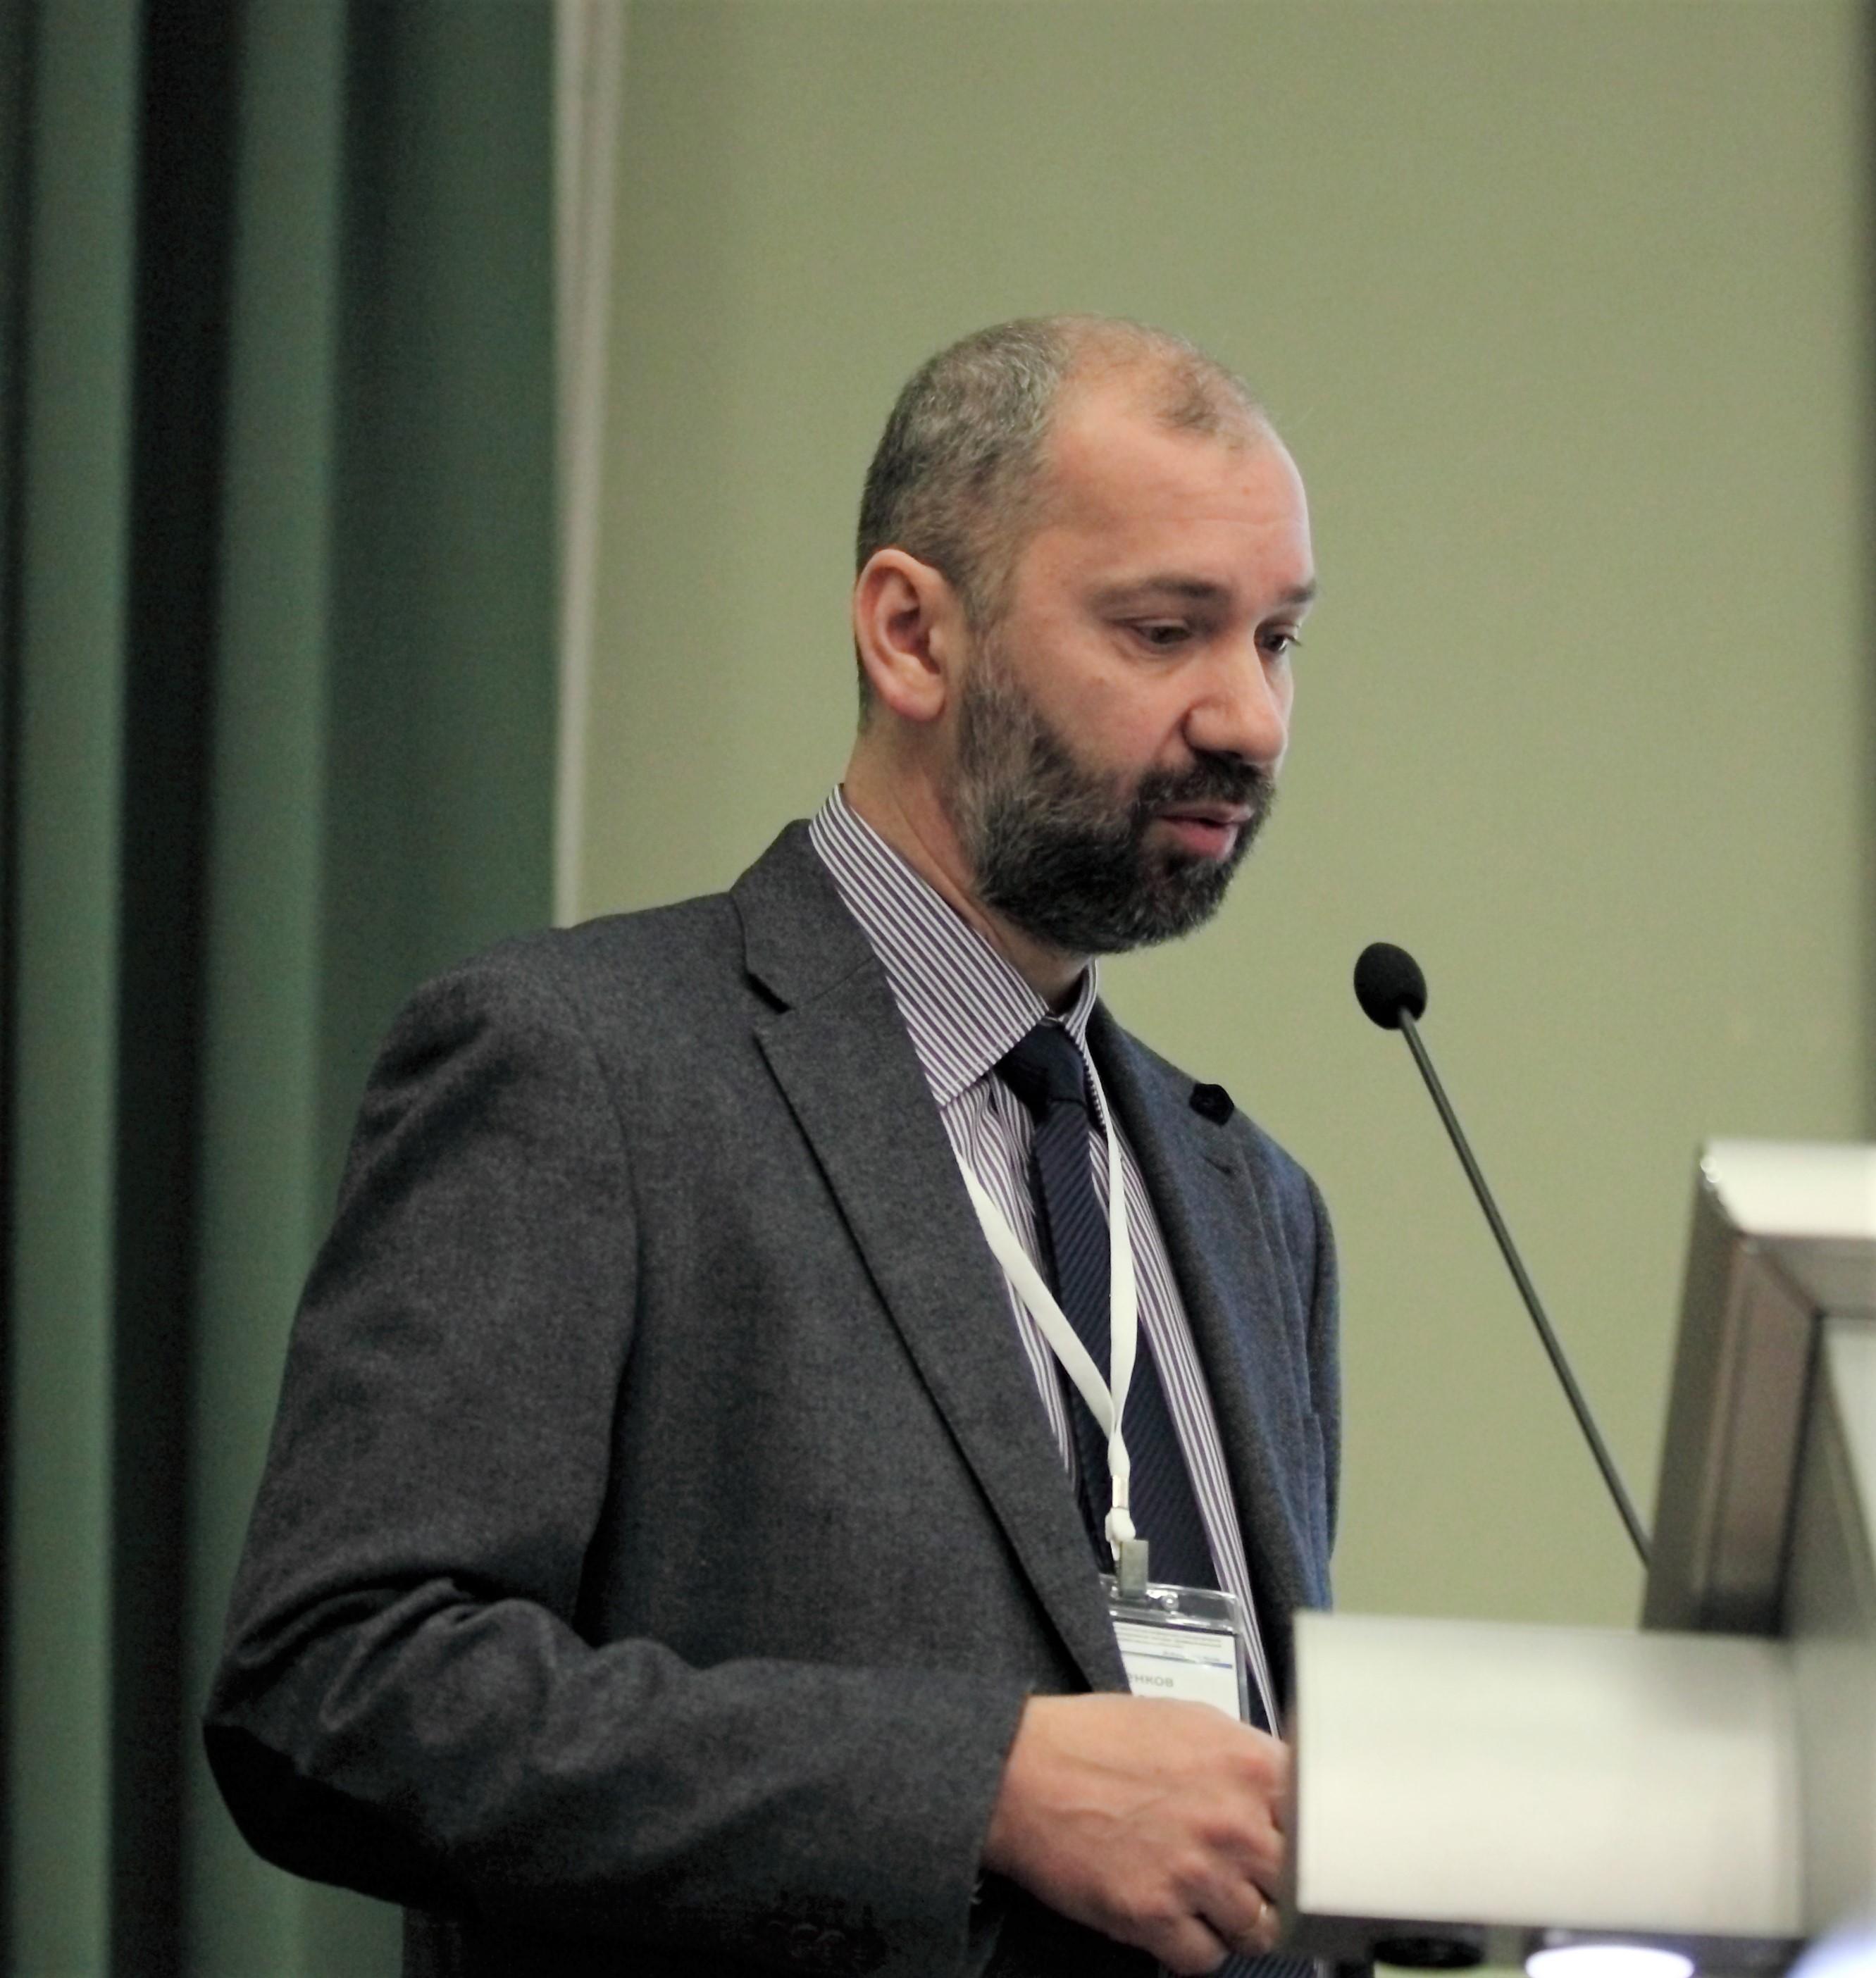 Куренков Алексей Львович — доктор медицинских наук, невролог